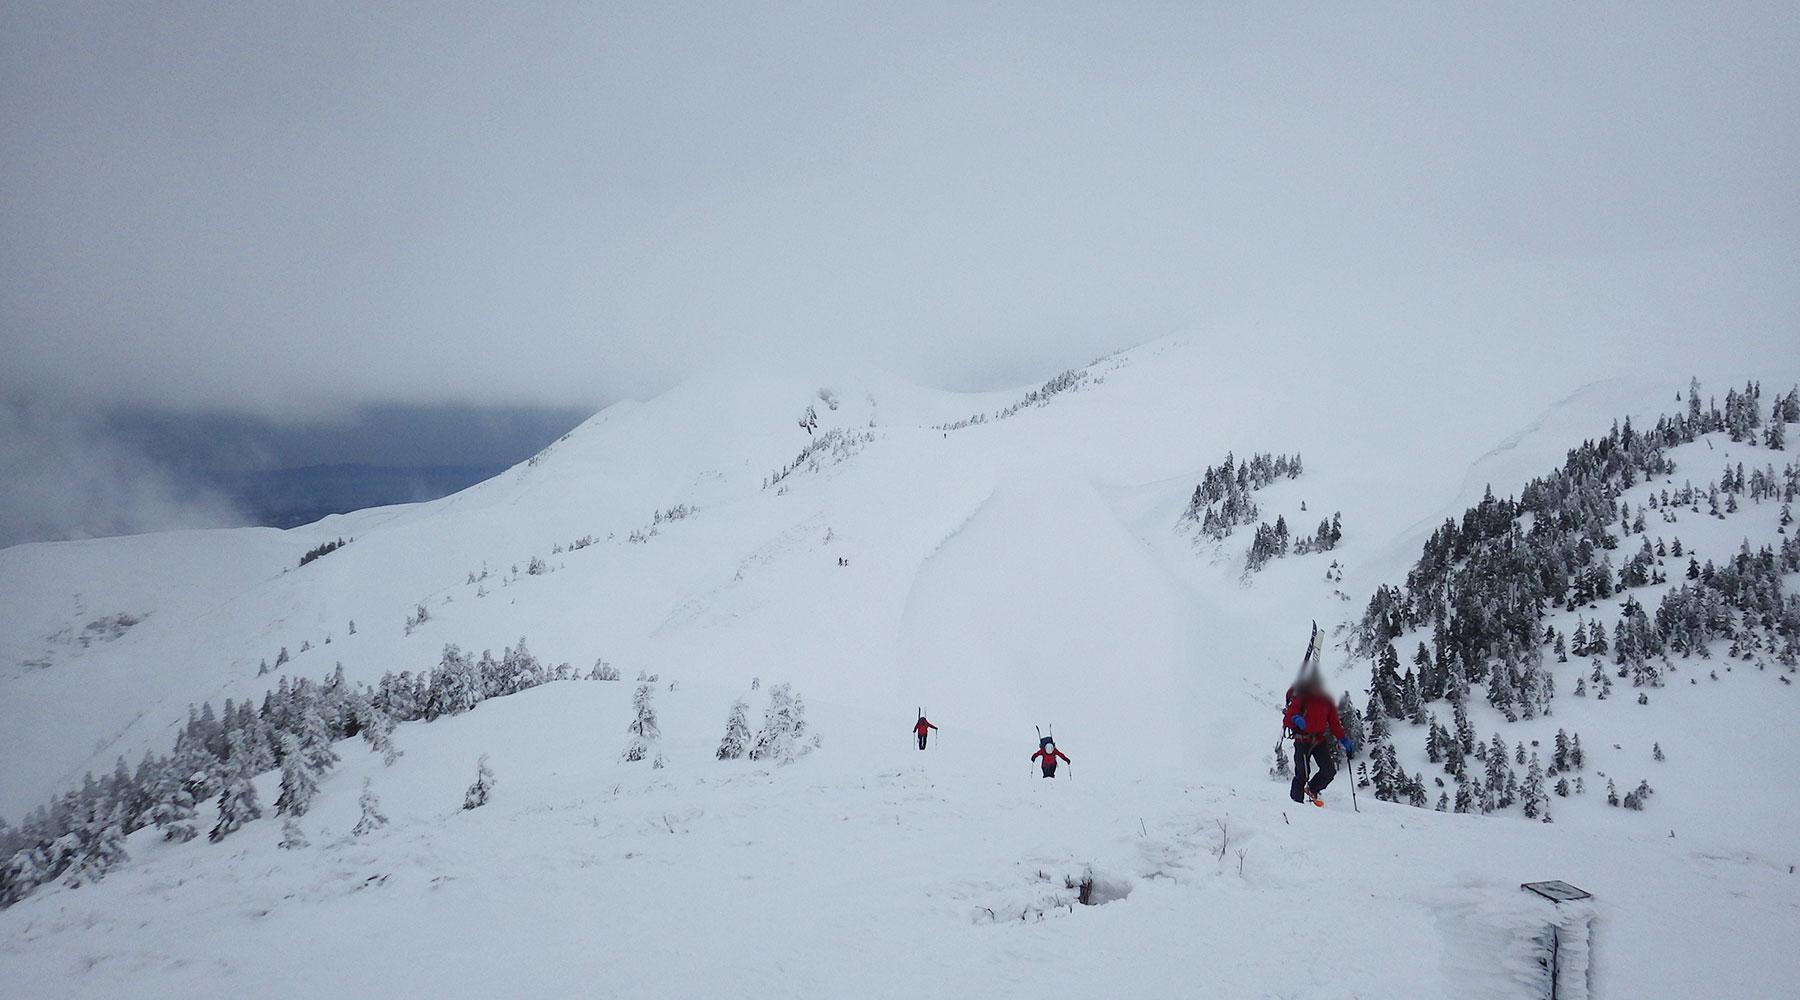 巻機山から戻ってくる山スキーヤー